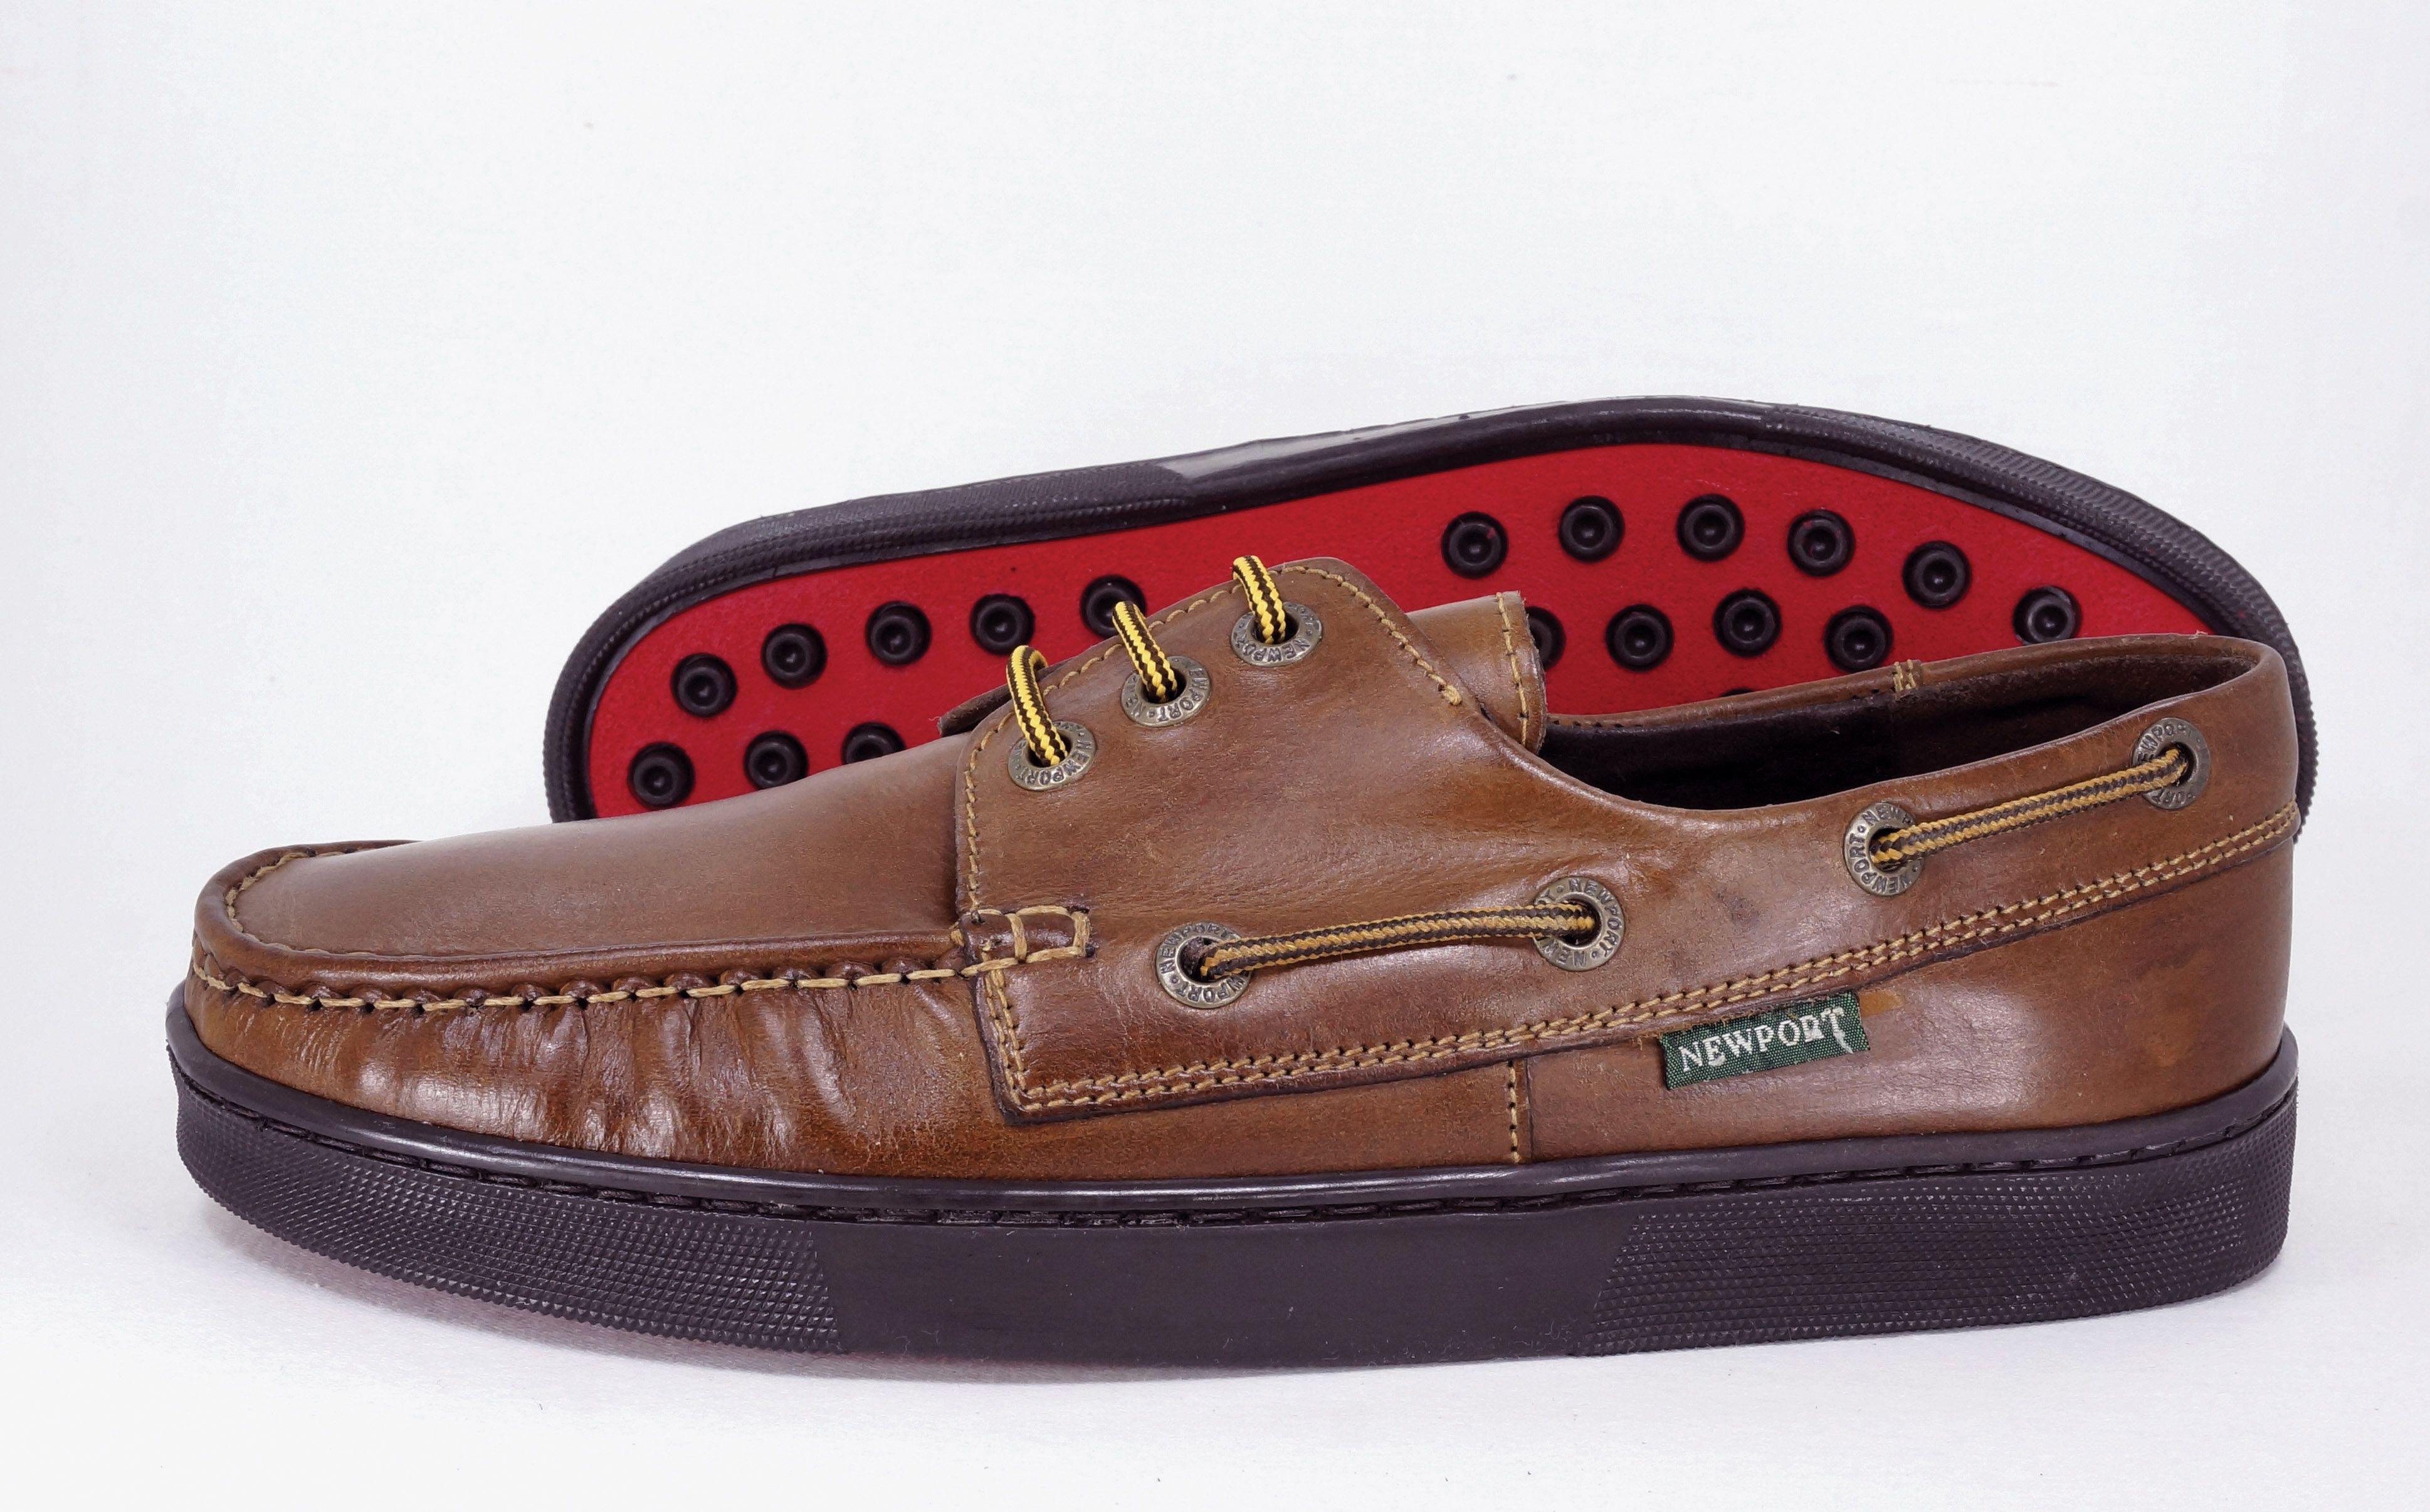 Newport Santiago Mid Brown Handcrafted Genuine Leather Shoes Genuine Leather Shoes Leather Shoes Woman Boots Men